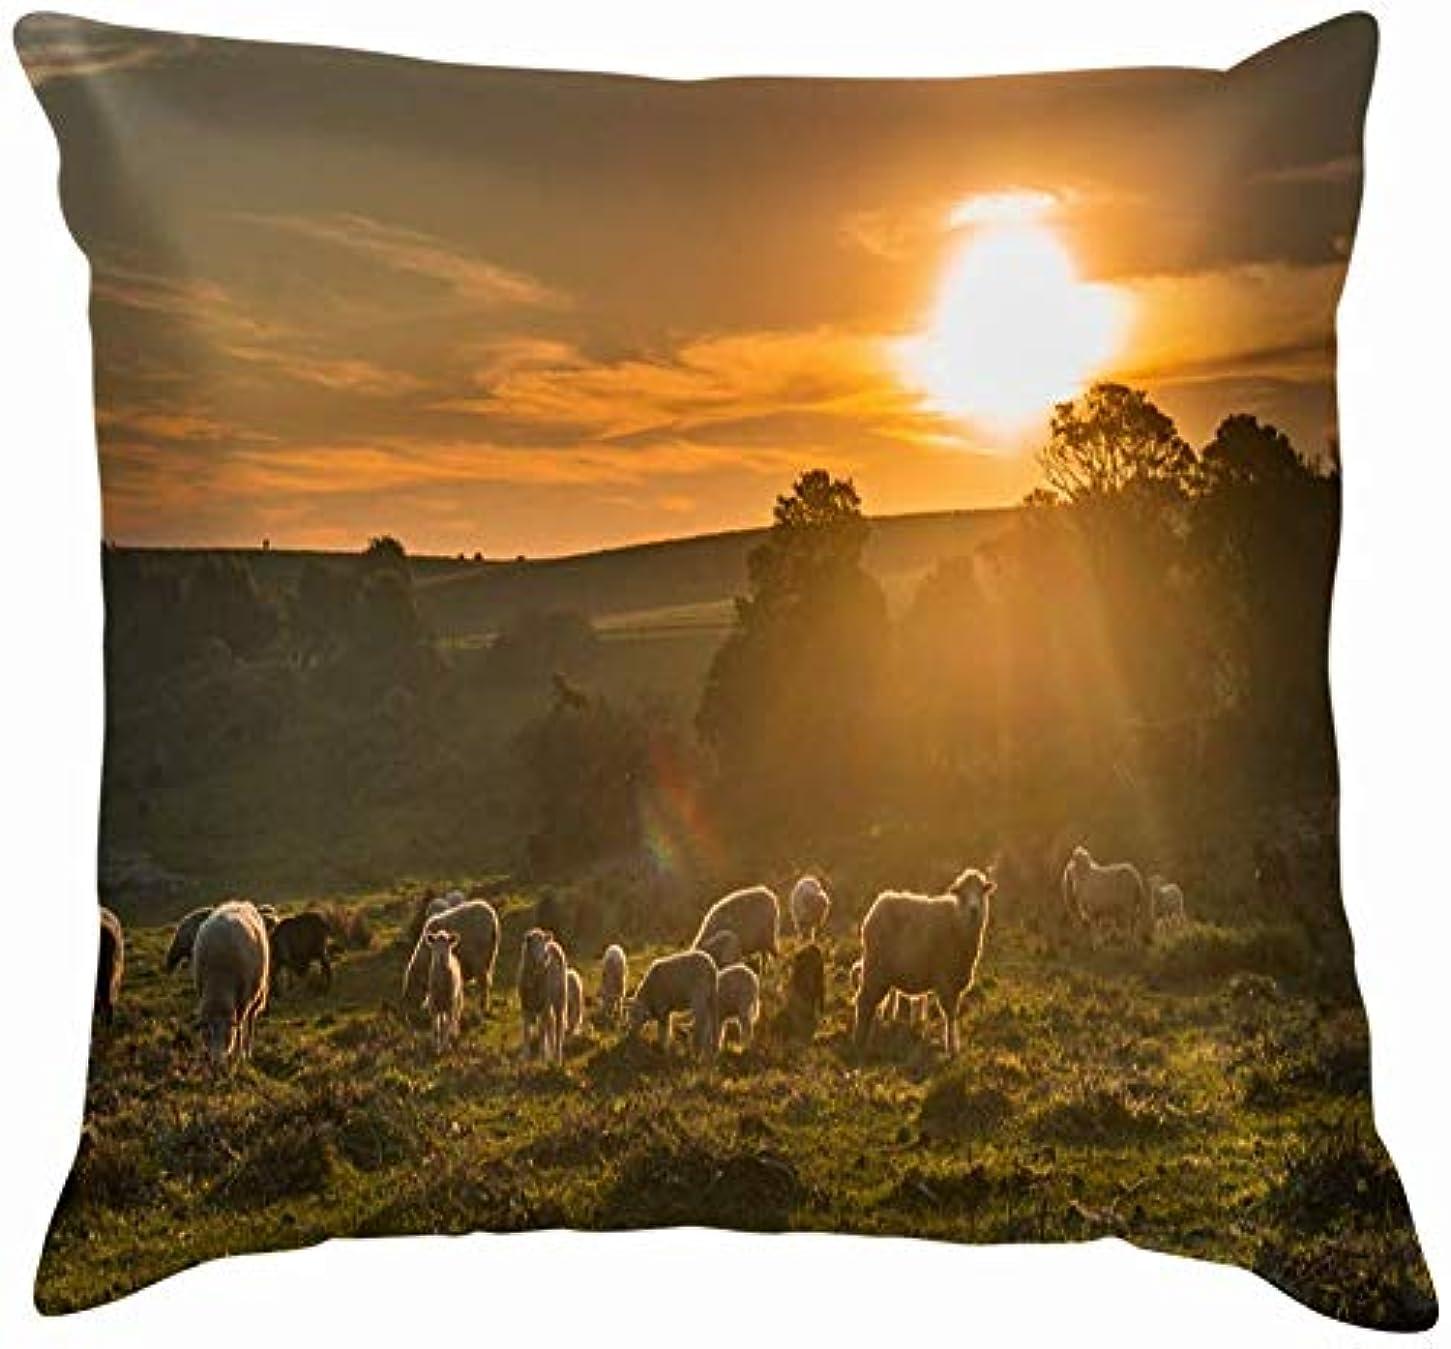 カーテンバリア大砲羊草を食べる美しい日没農場の動物野生生物農業自然投げる枕カバーホームソファクッションカバー枕カバーギフト45x45 cm